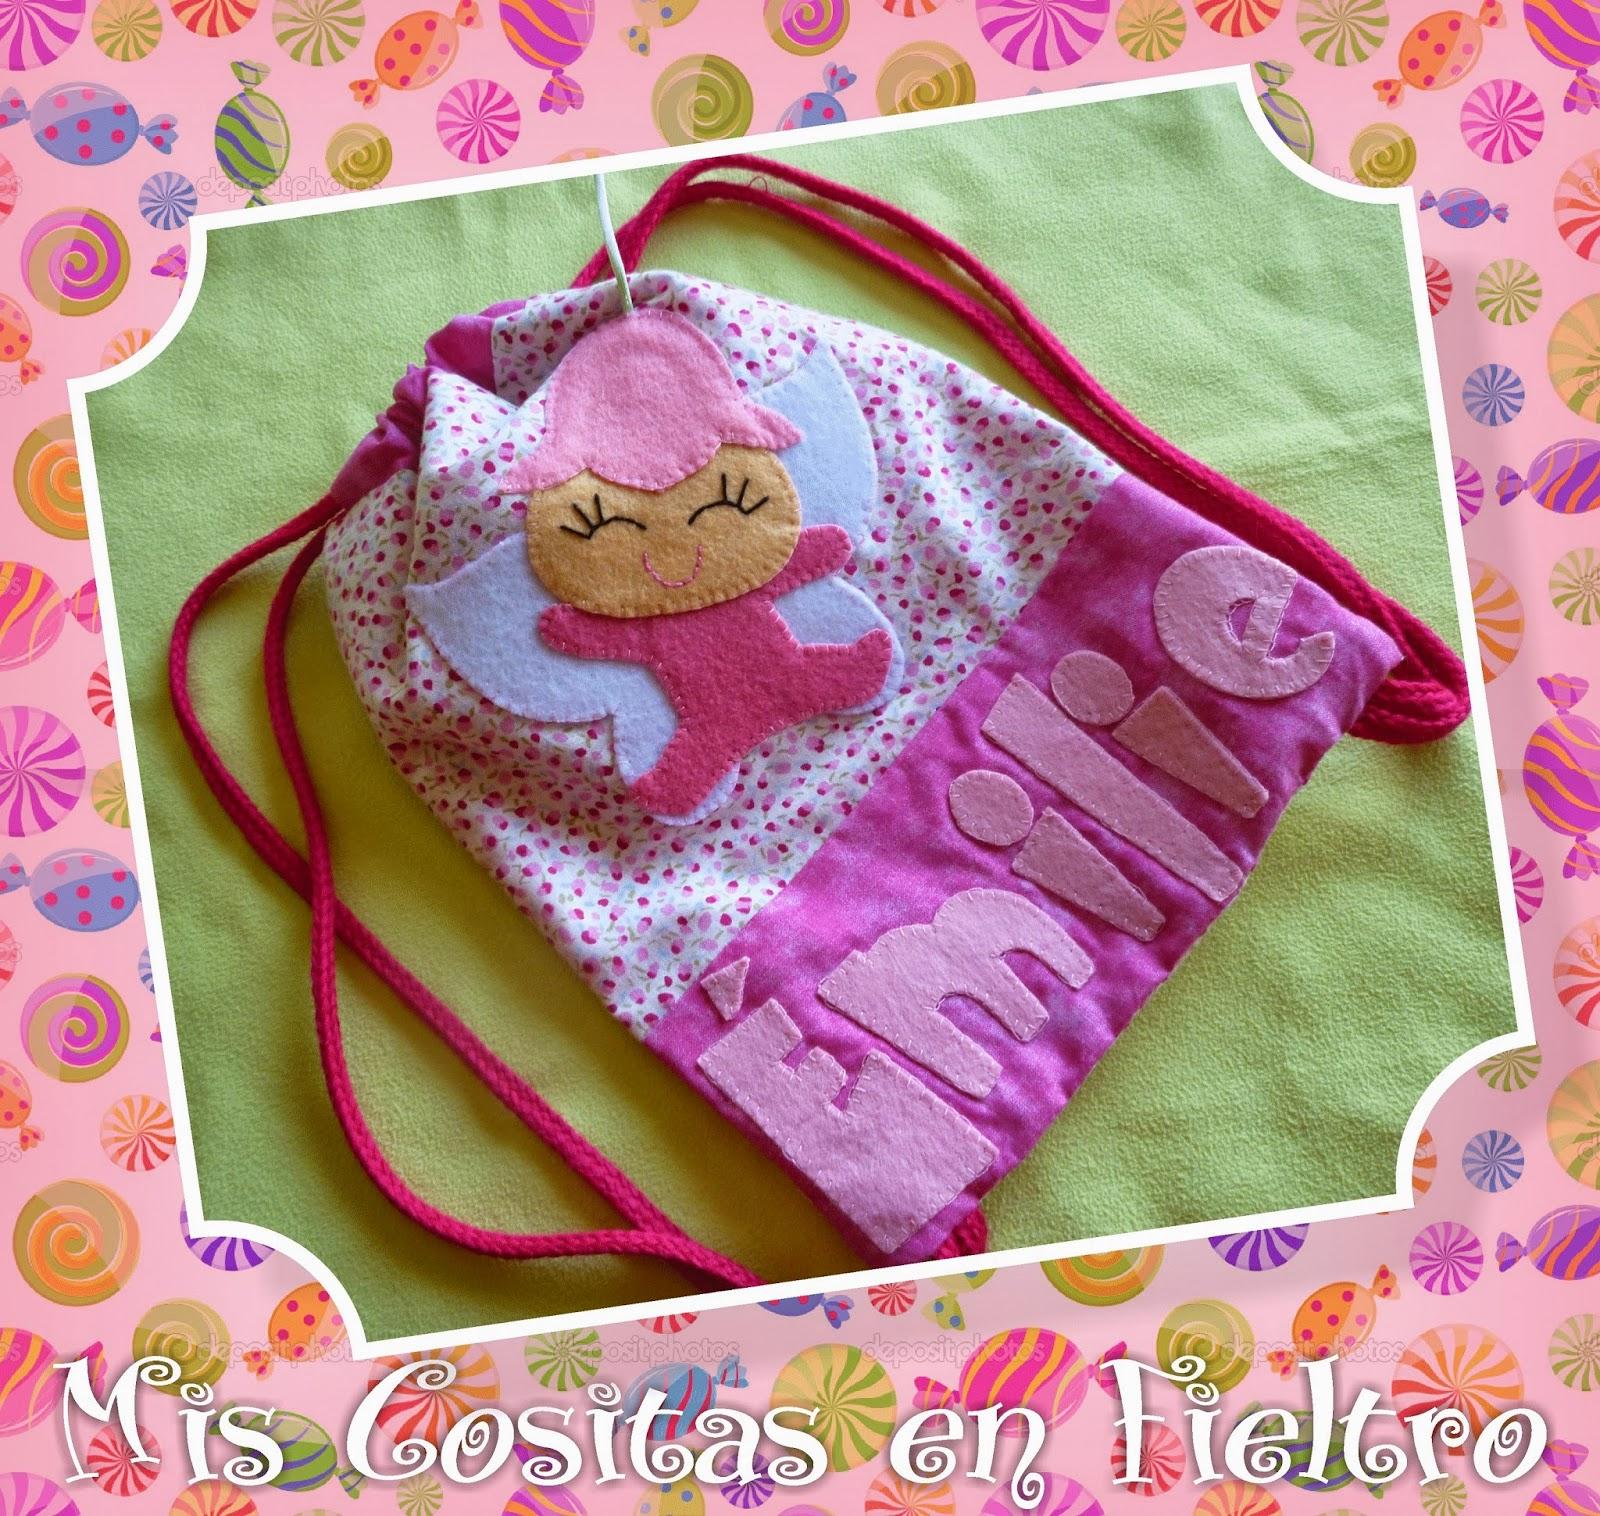 mochila de merienda, mochila para merienda, bolsa de merienda, fietlro, niños, merienda, regalo, hada, mariposa, cute